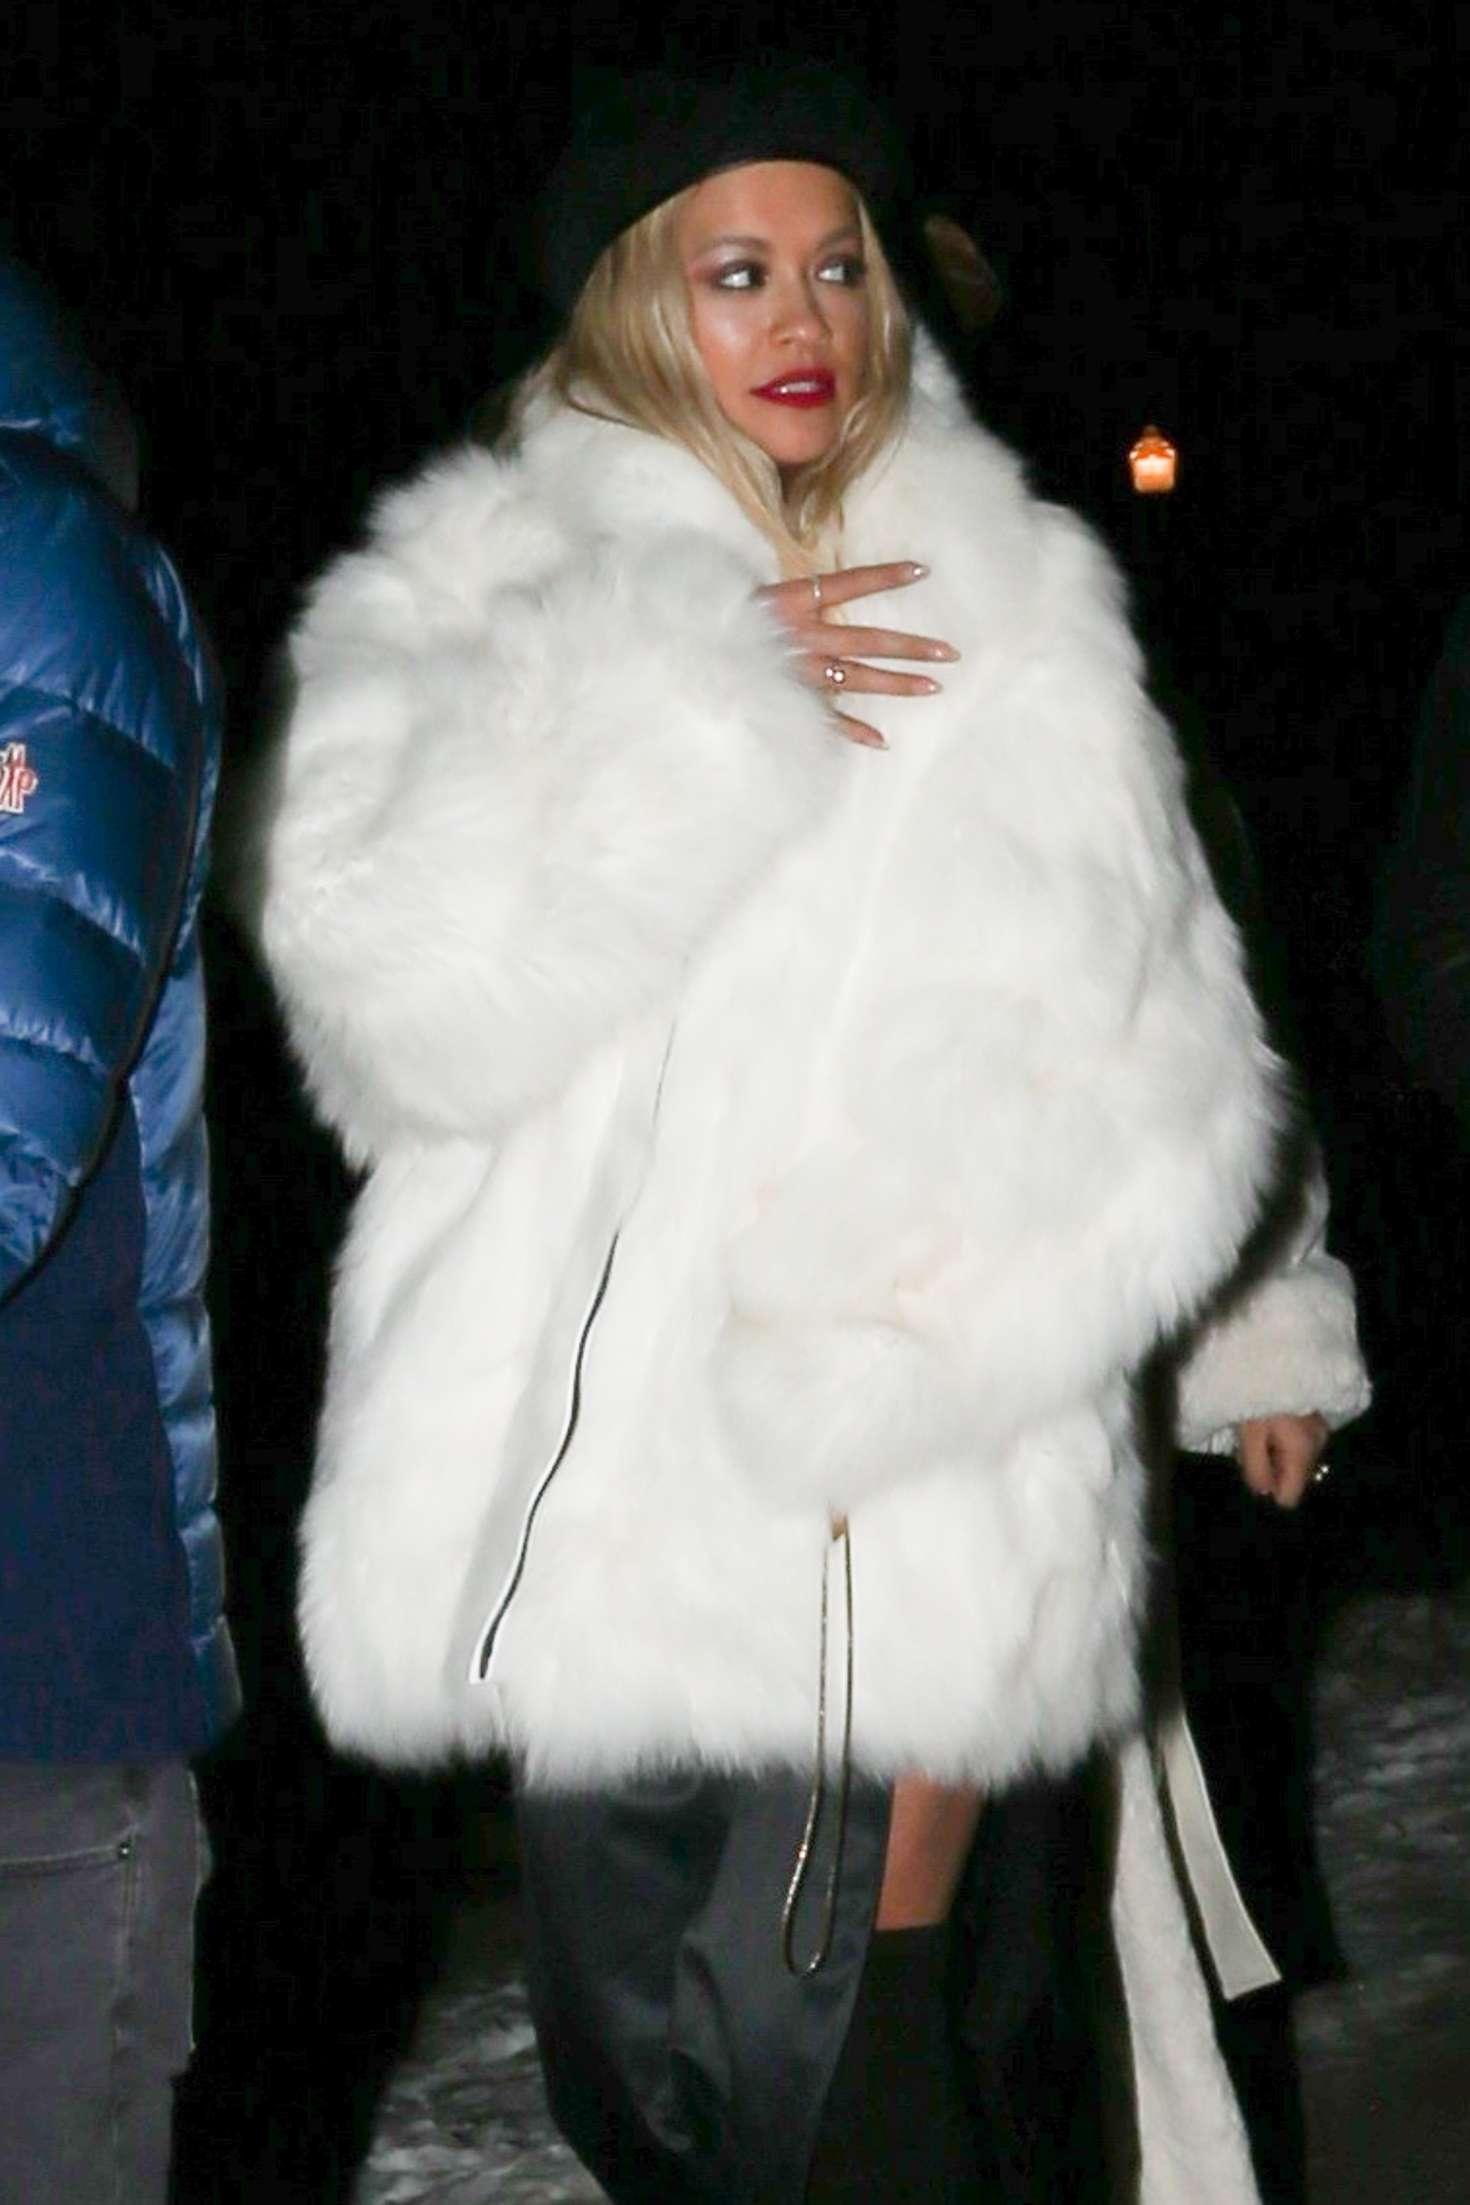 Rita Ora In White Fur Coat Night Out In Aspen Gotceleb